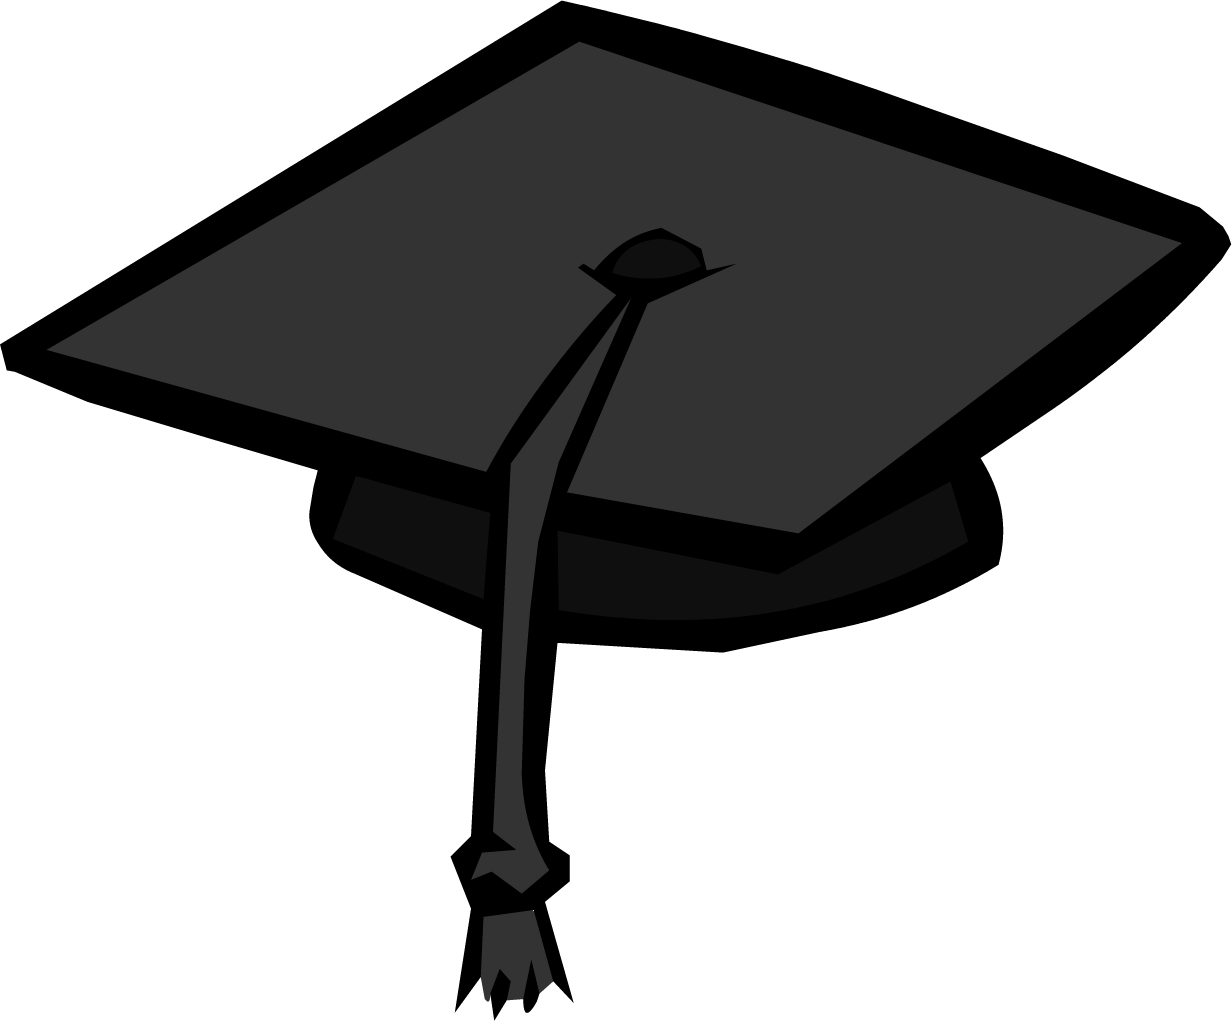 Graduation Cap Png - Graduation Cap Clipart Transparent (1798x1490)